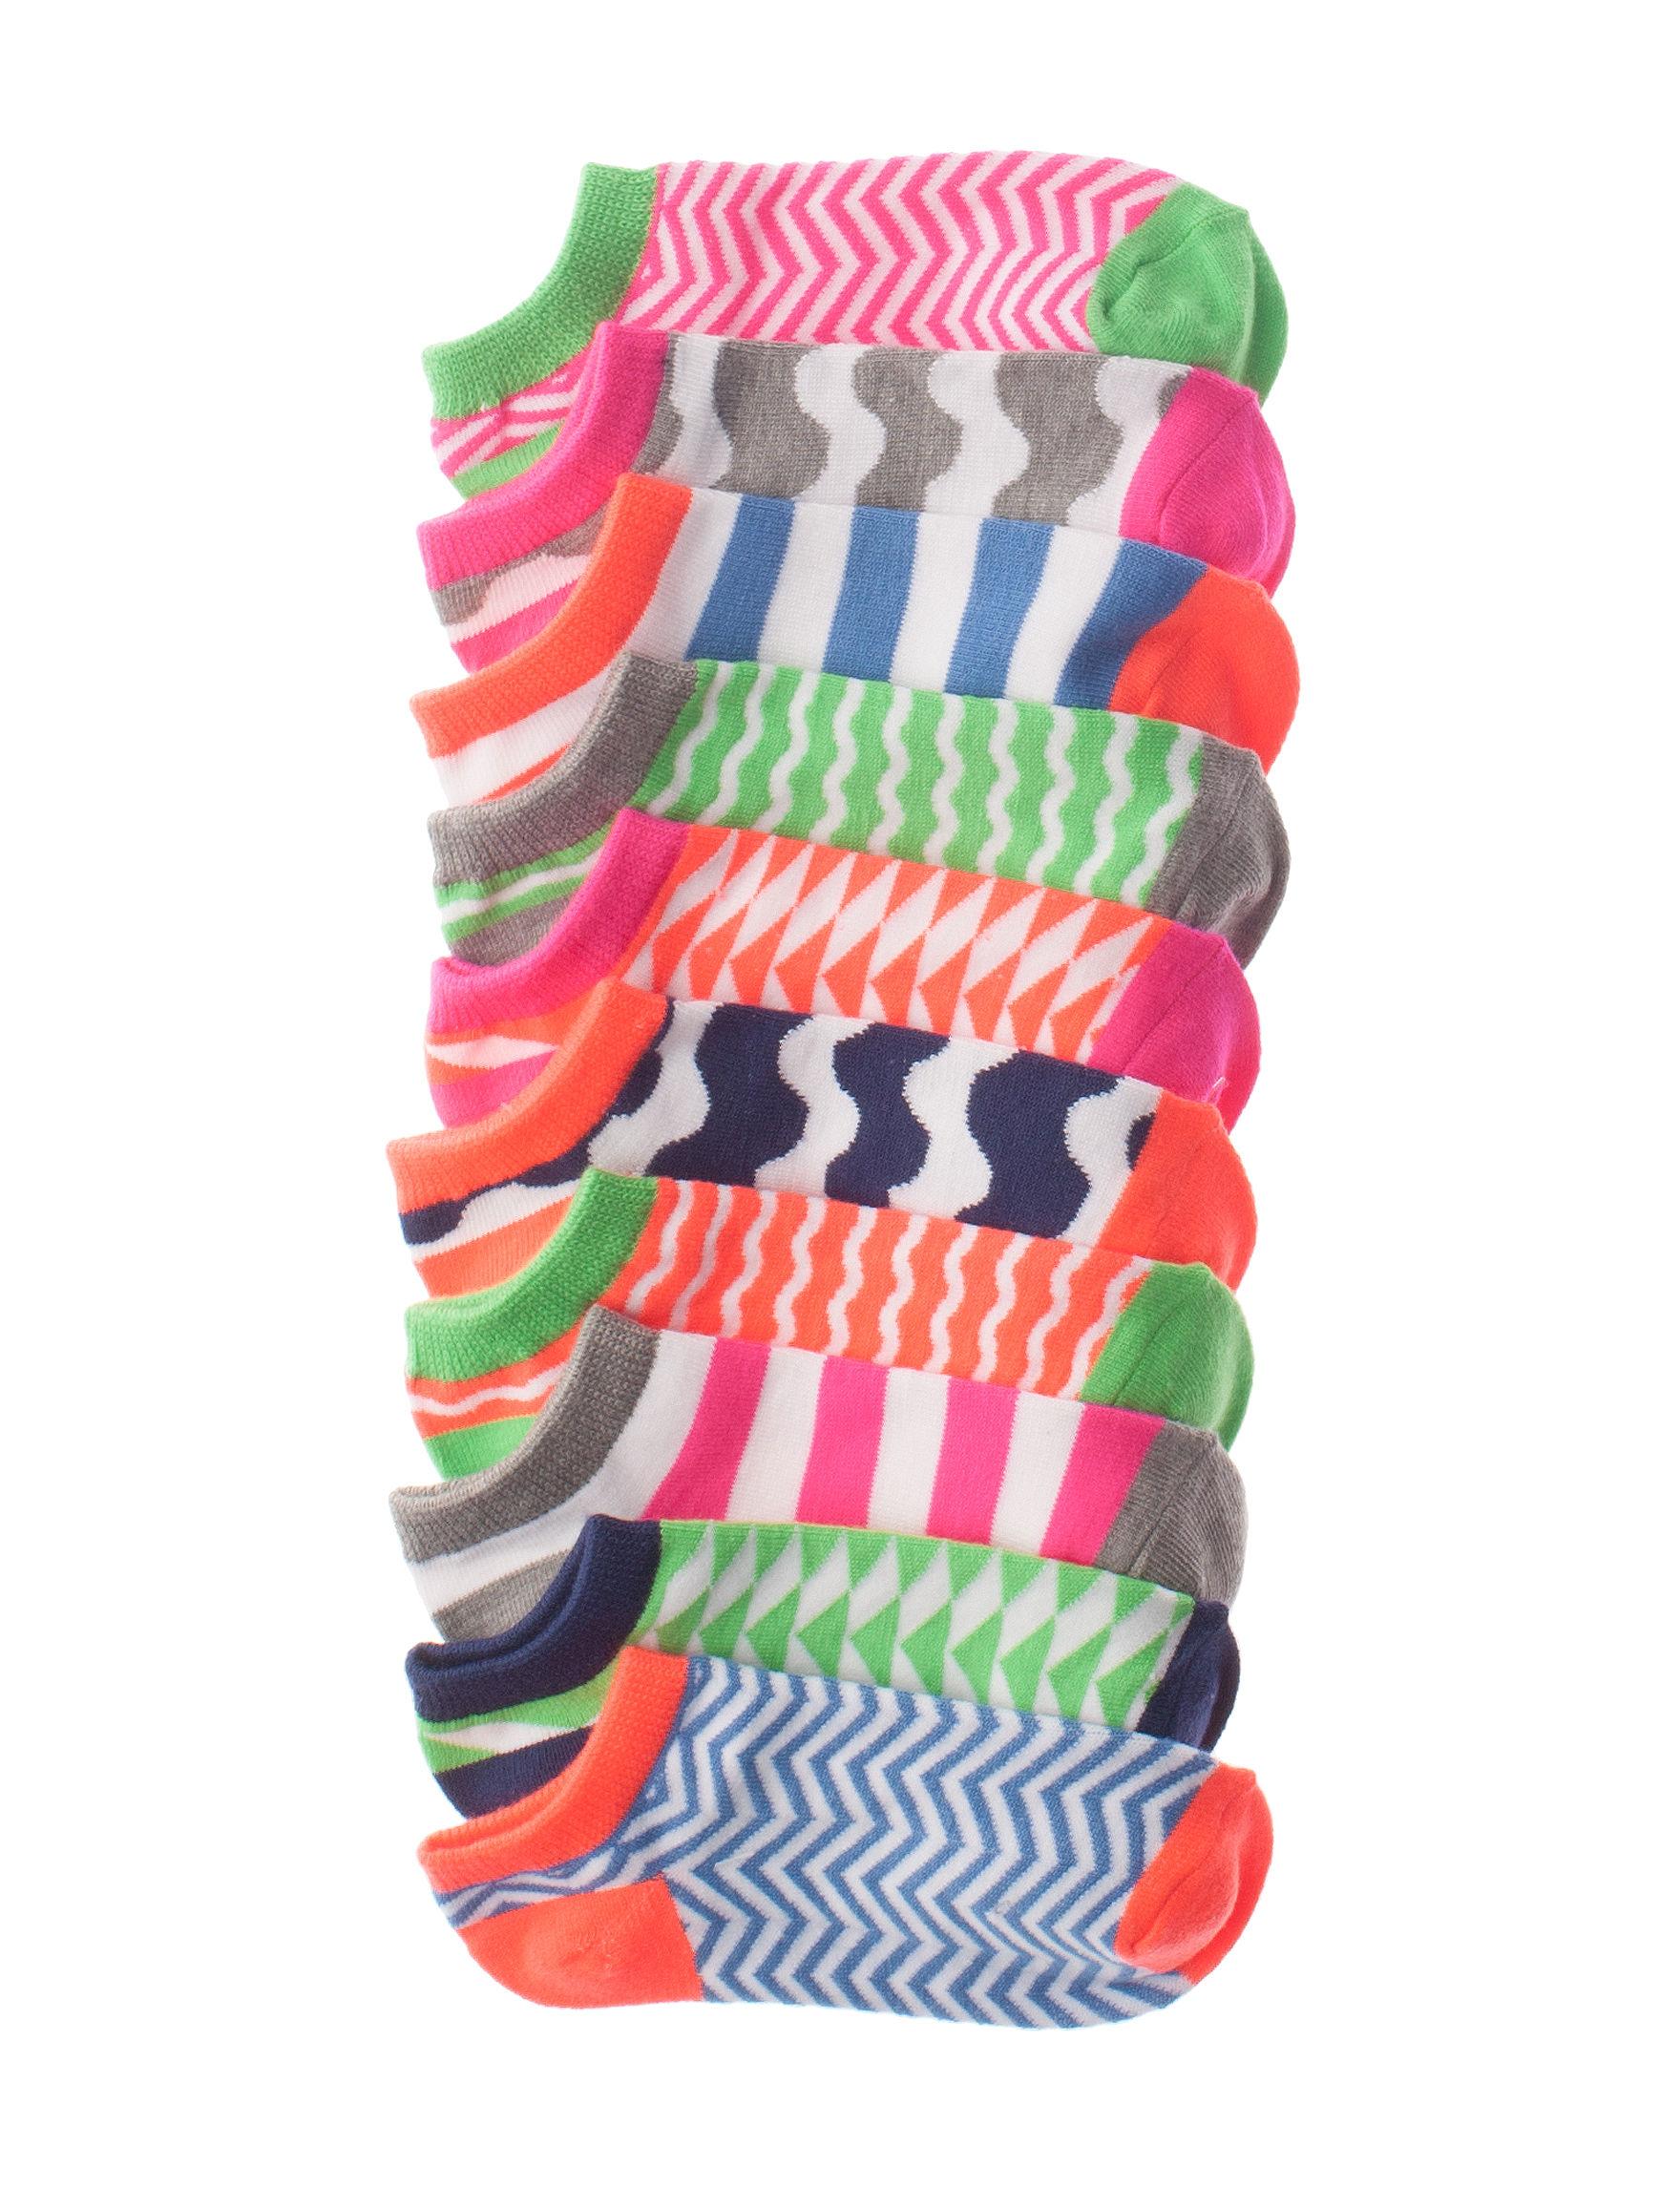 La De Da Multi Socks